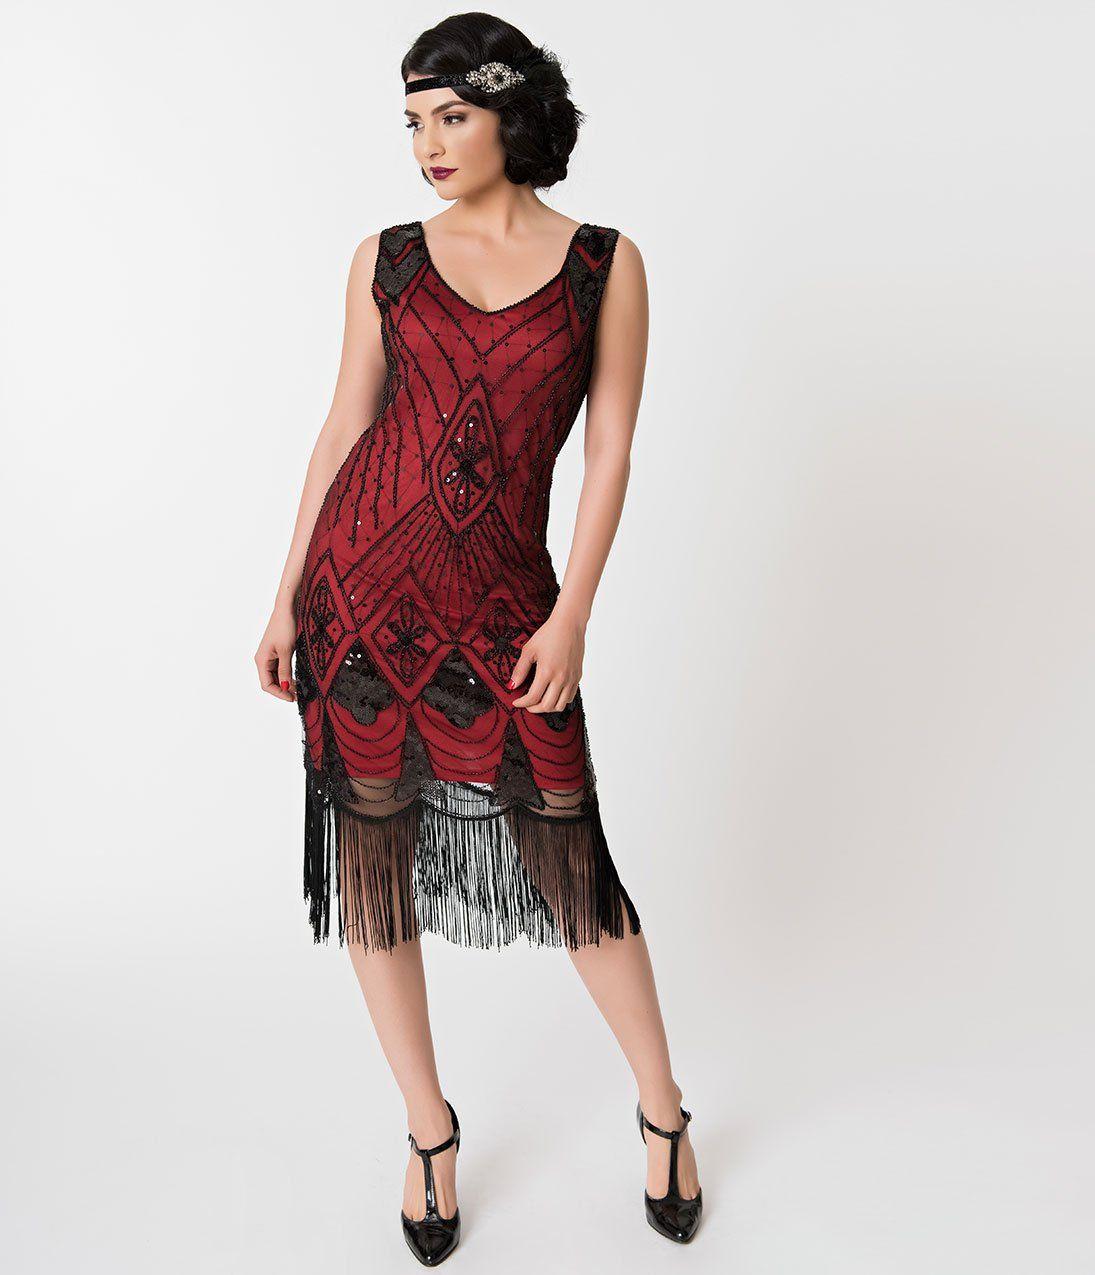 Vintage Cocktail Dresses Party Dresses Prom Dresses Fringe Flapper Dress Red Flapper Dress Flapper Dress [ 1275 x 1095 Pixel ]